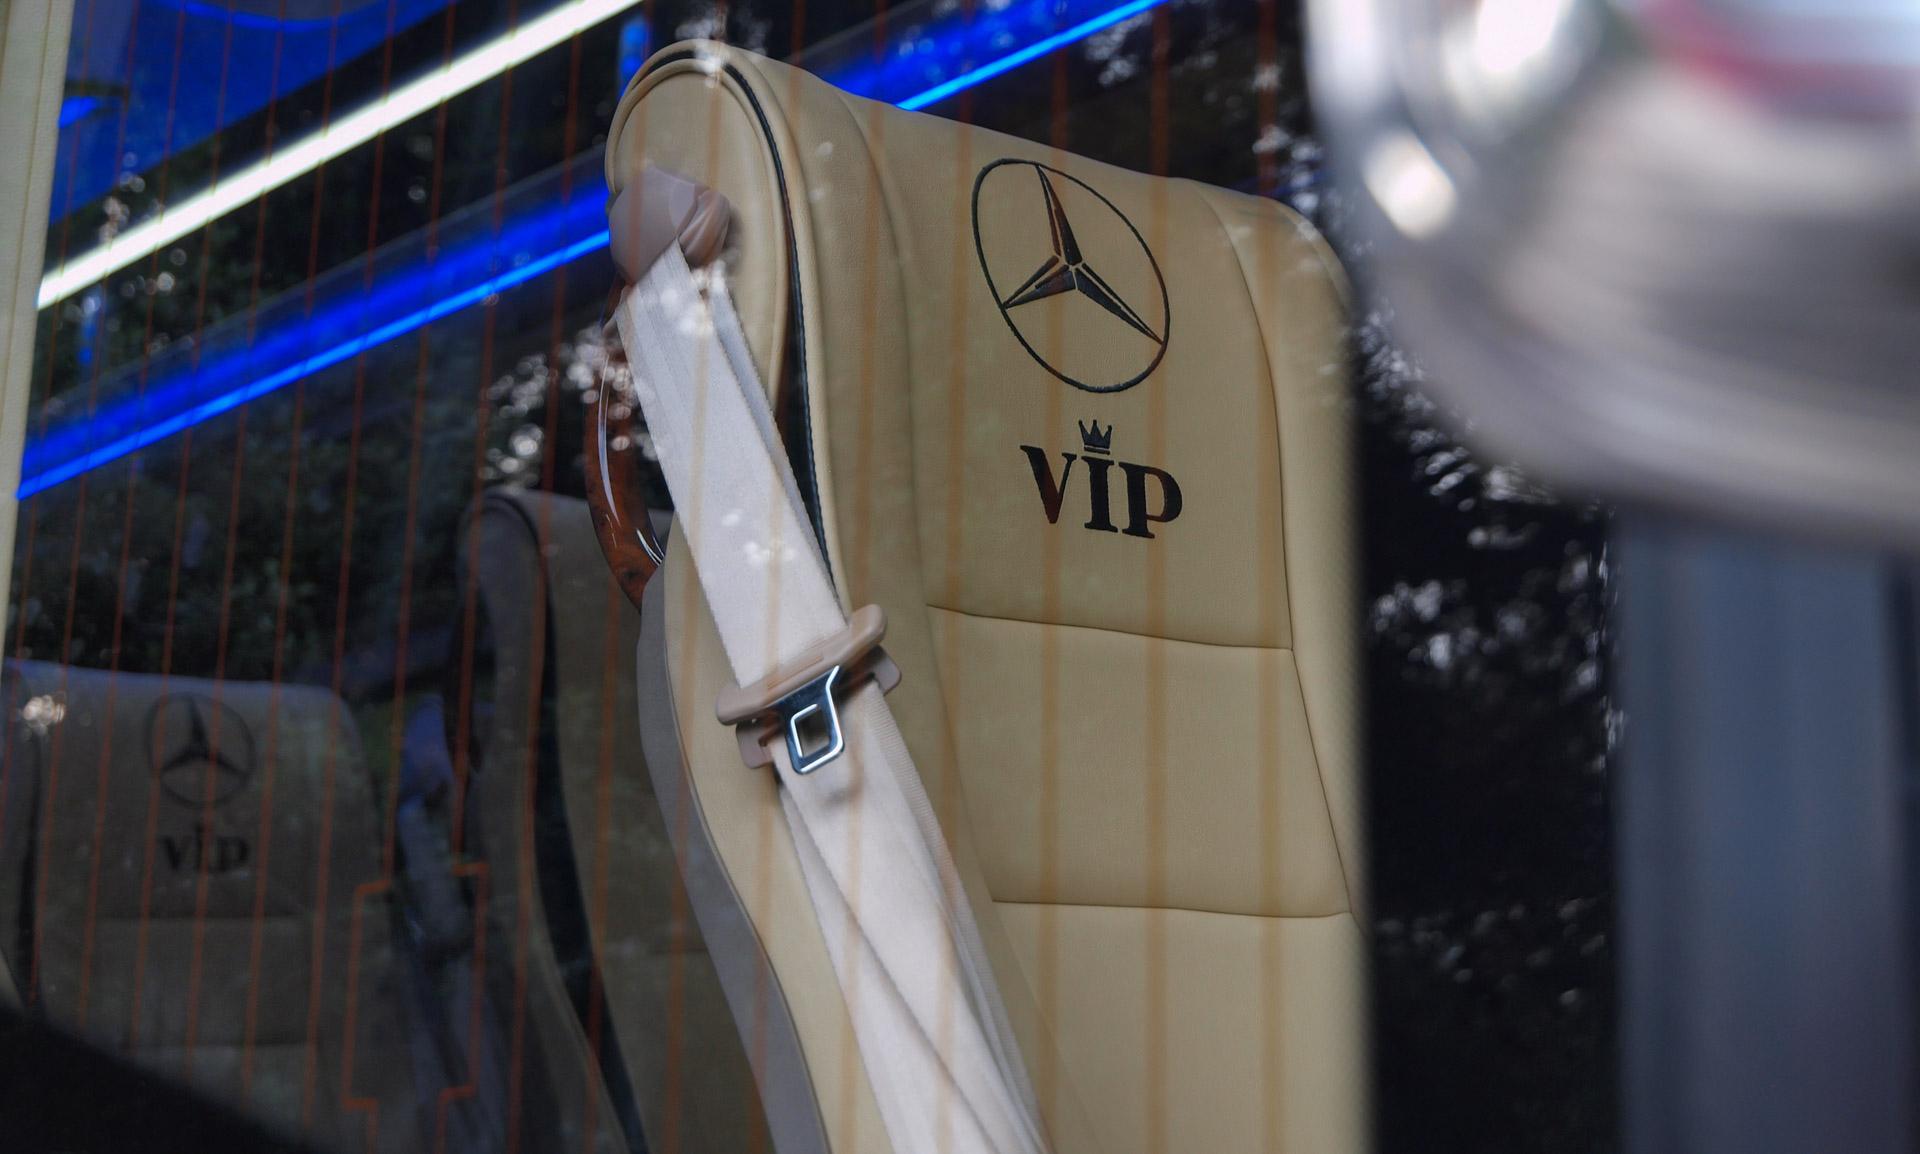 Sarris Mercedes-Benz Sprinter VIP 14 in2